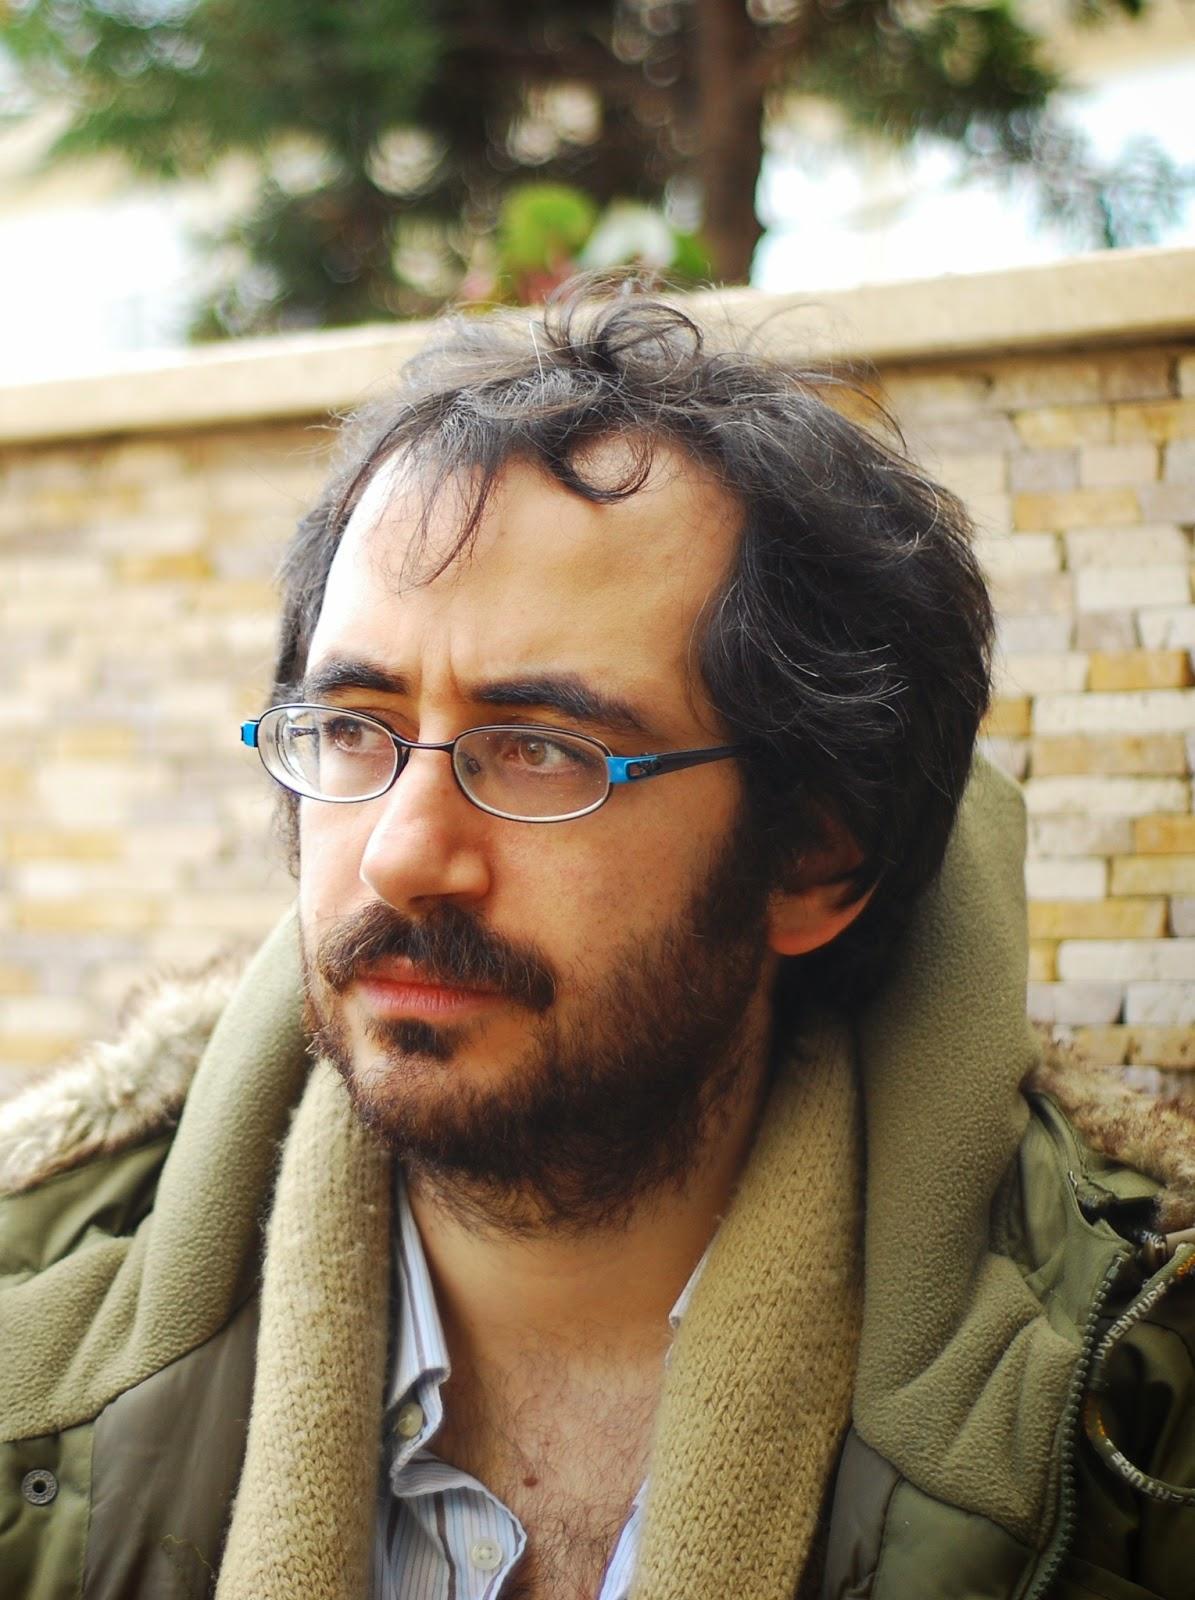 Suudi kaynaklar: Cemal Kaşıkçıyı Türkiyede gizli bir yerde iki gün tutmak istemişler 84